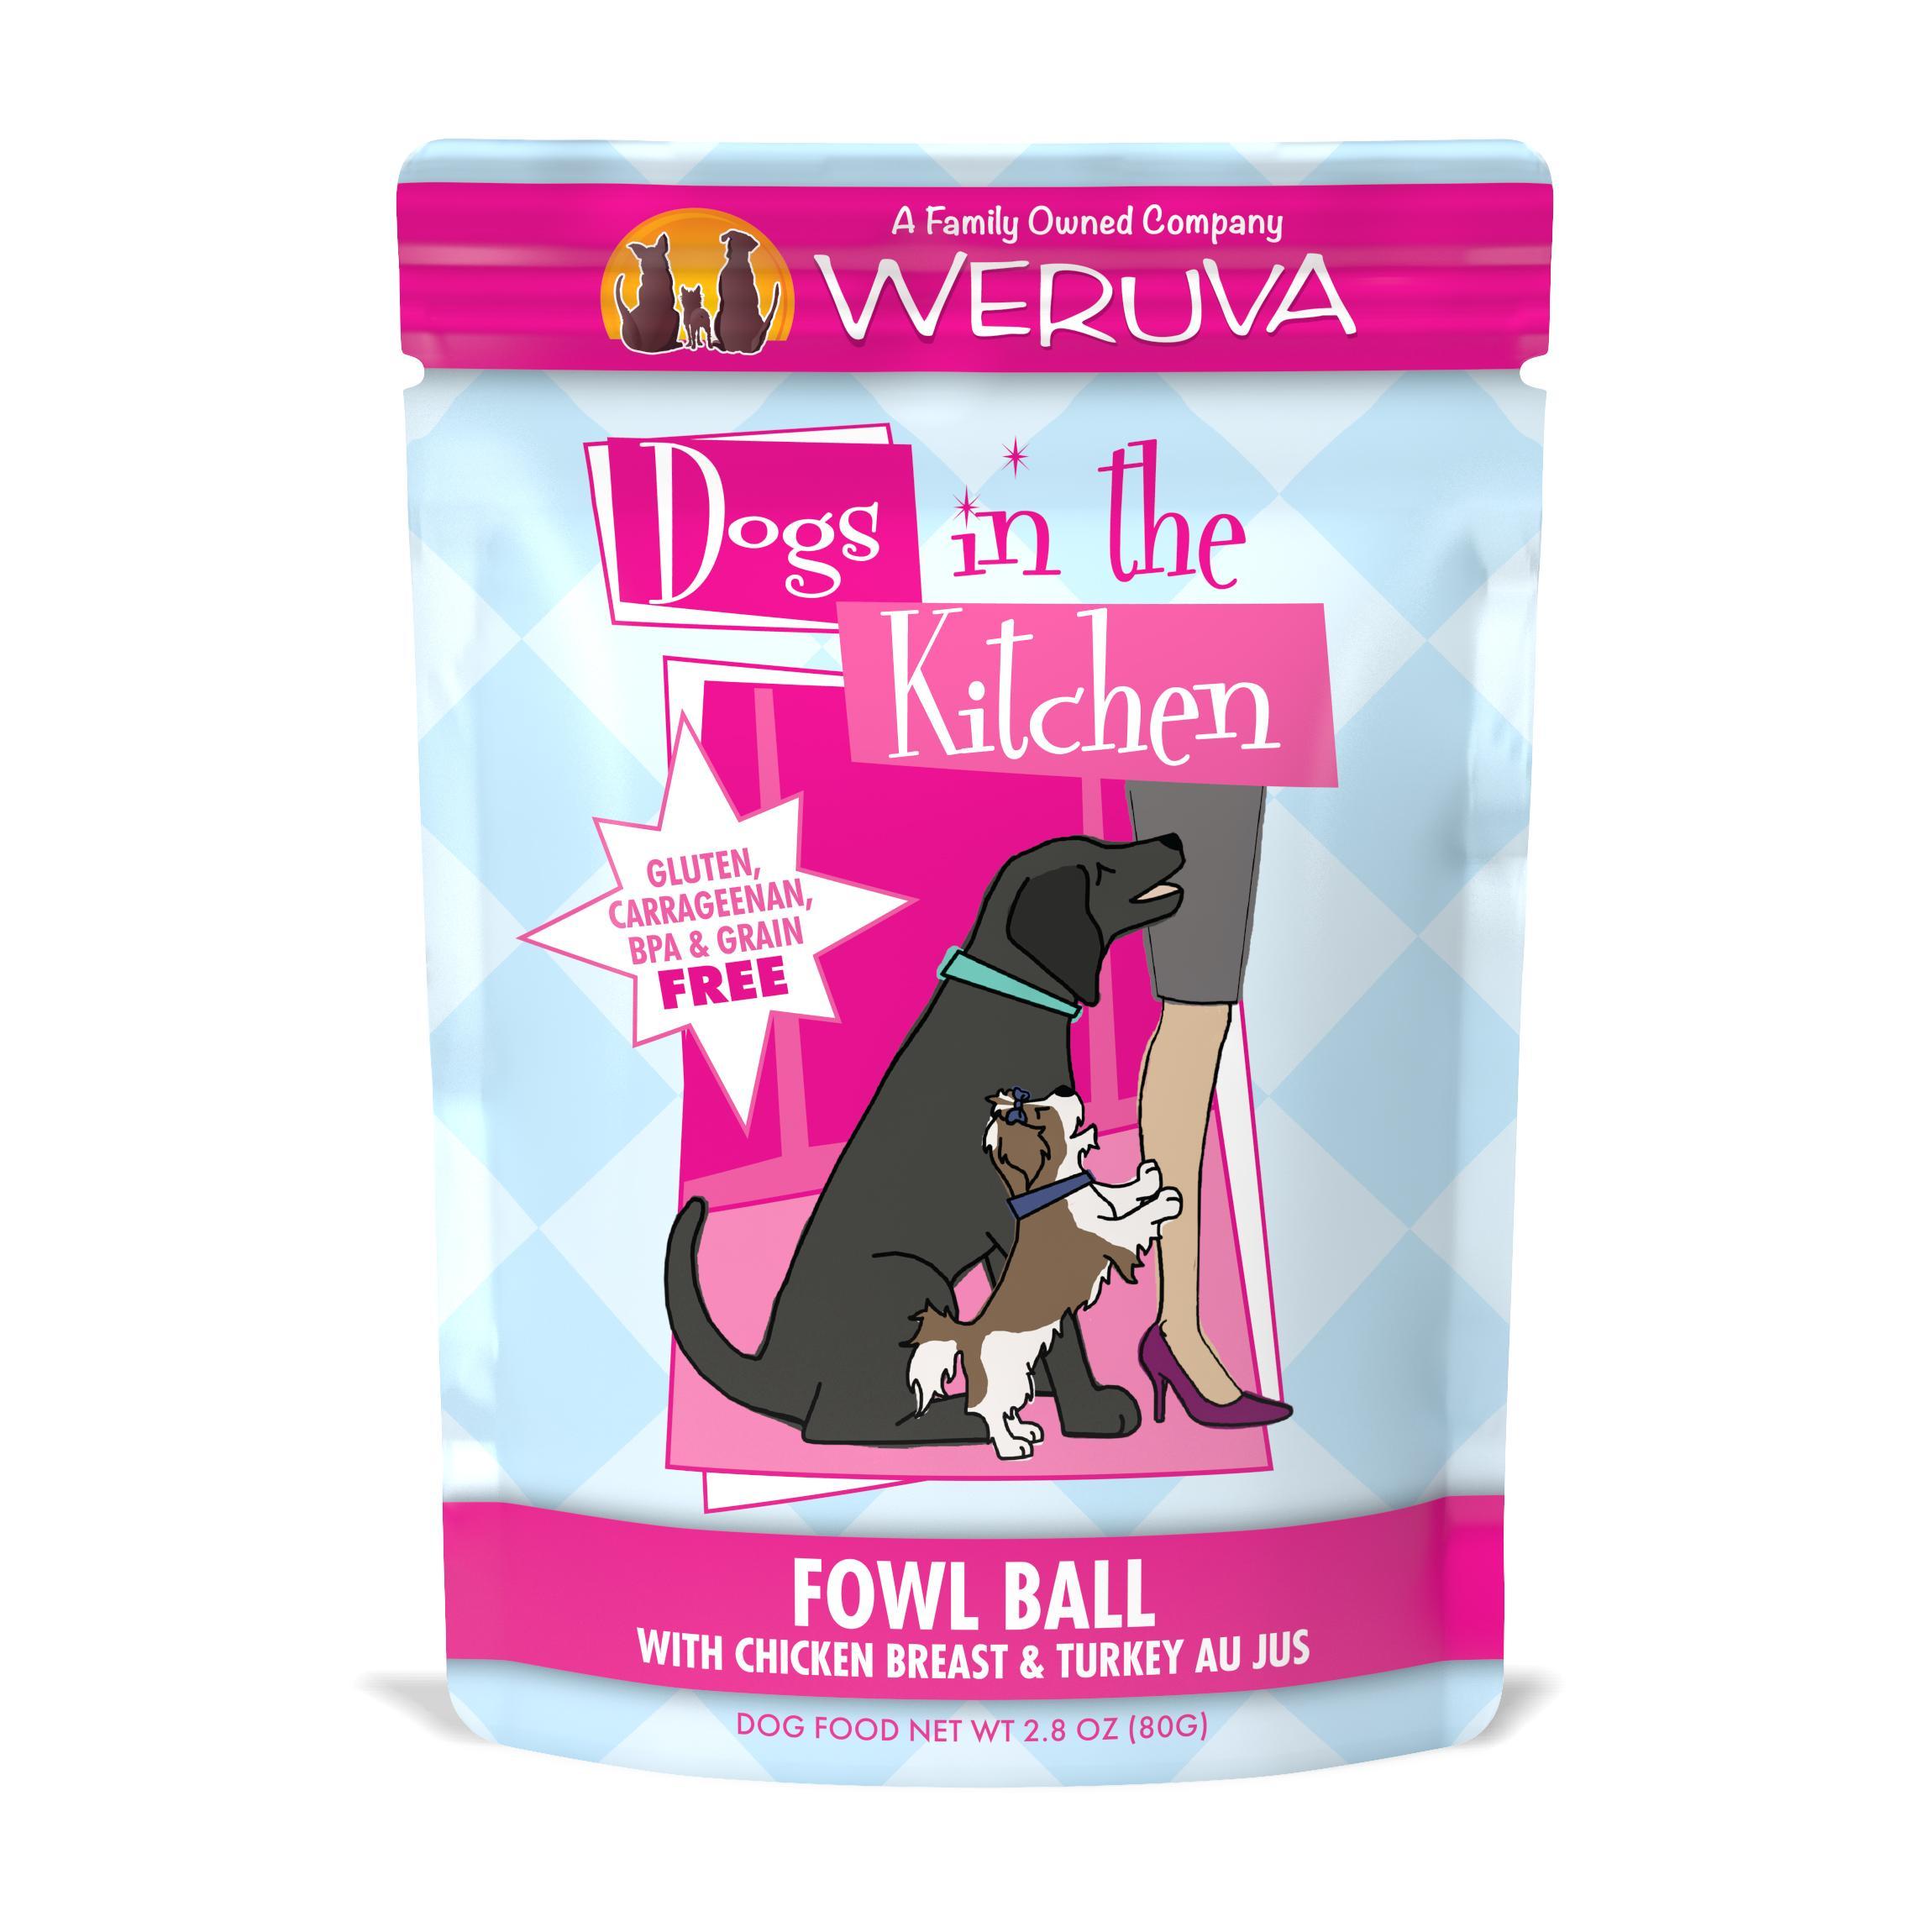 Weruva Dogs in the Kitchen Fowl Ball with Chicken Breast & Turkey Au Jus Grain-Free Wet Dog Food, 2.8-oz